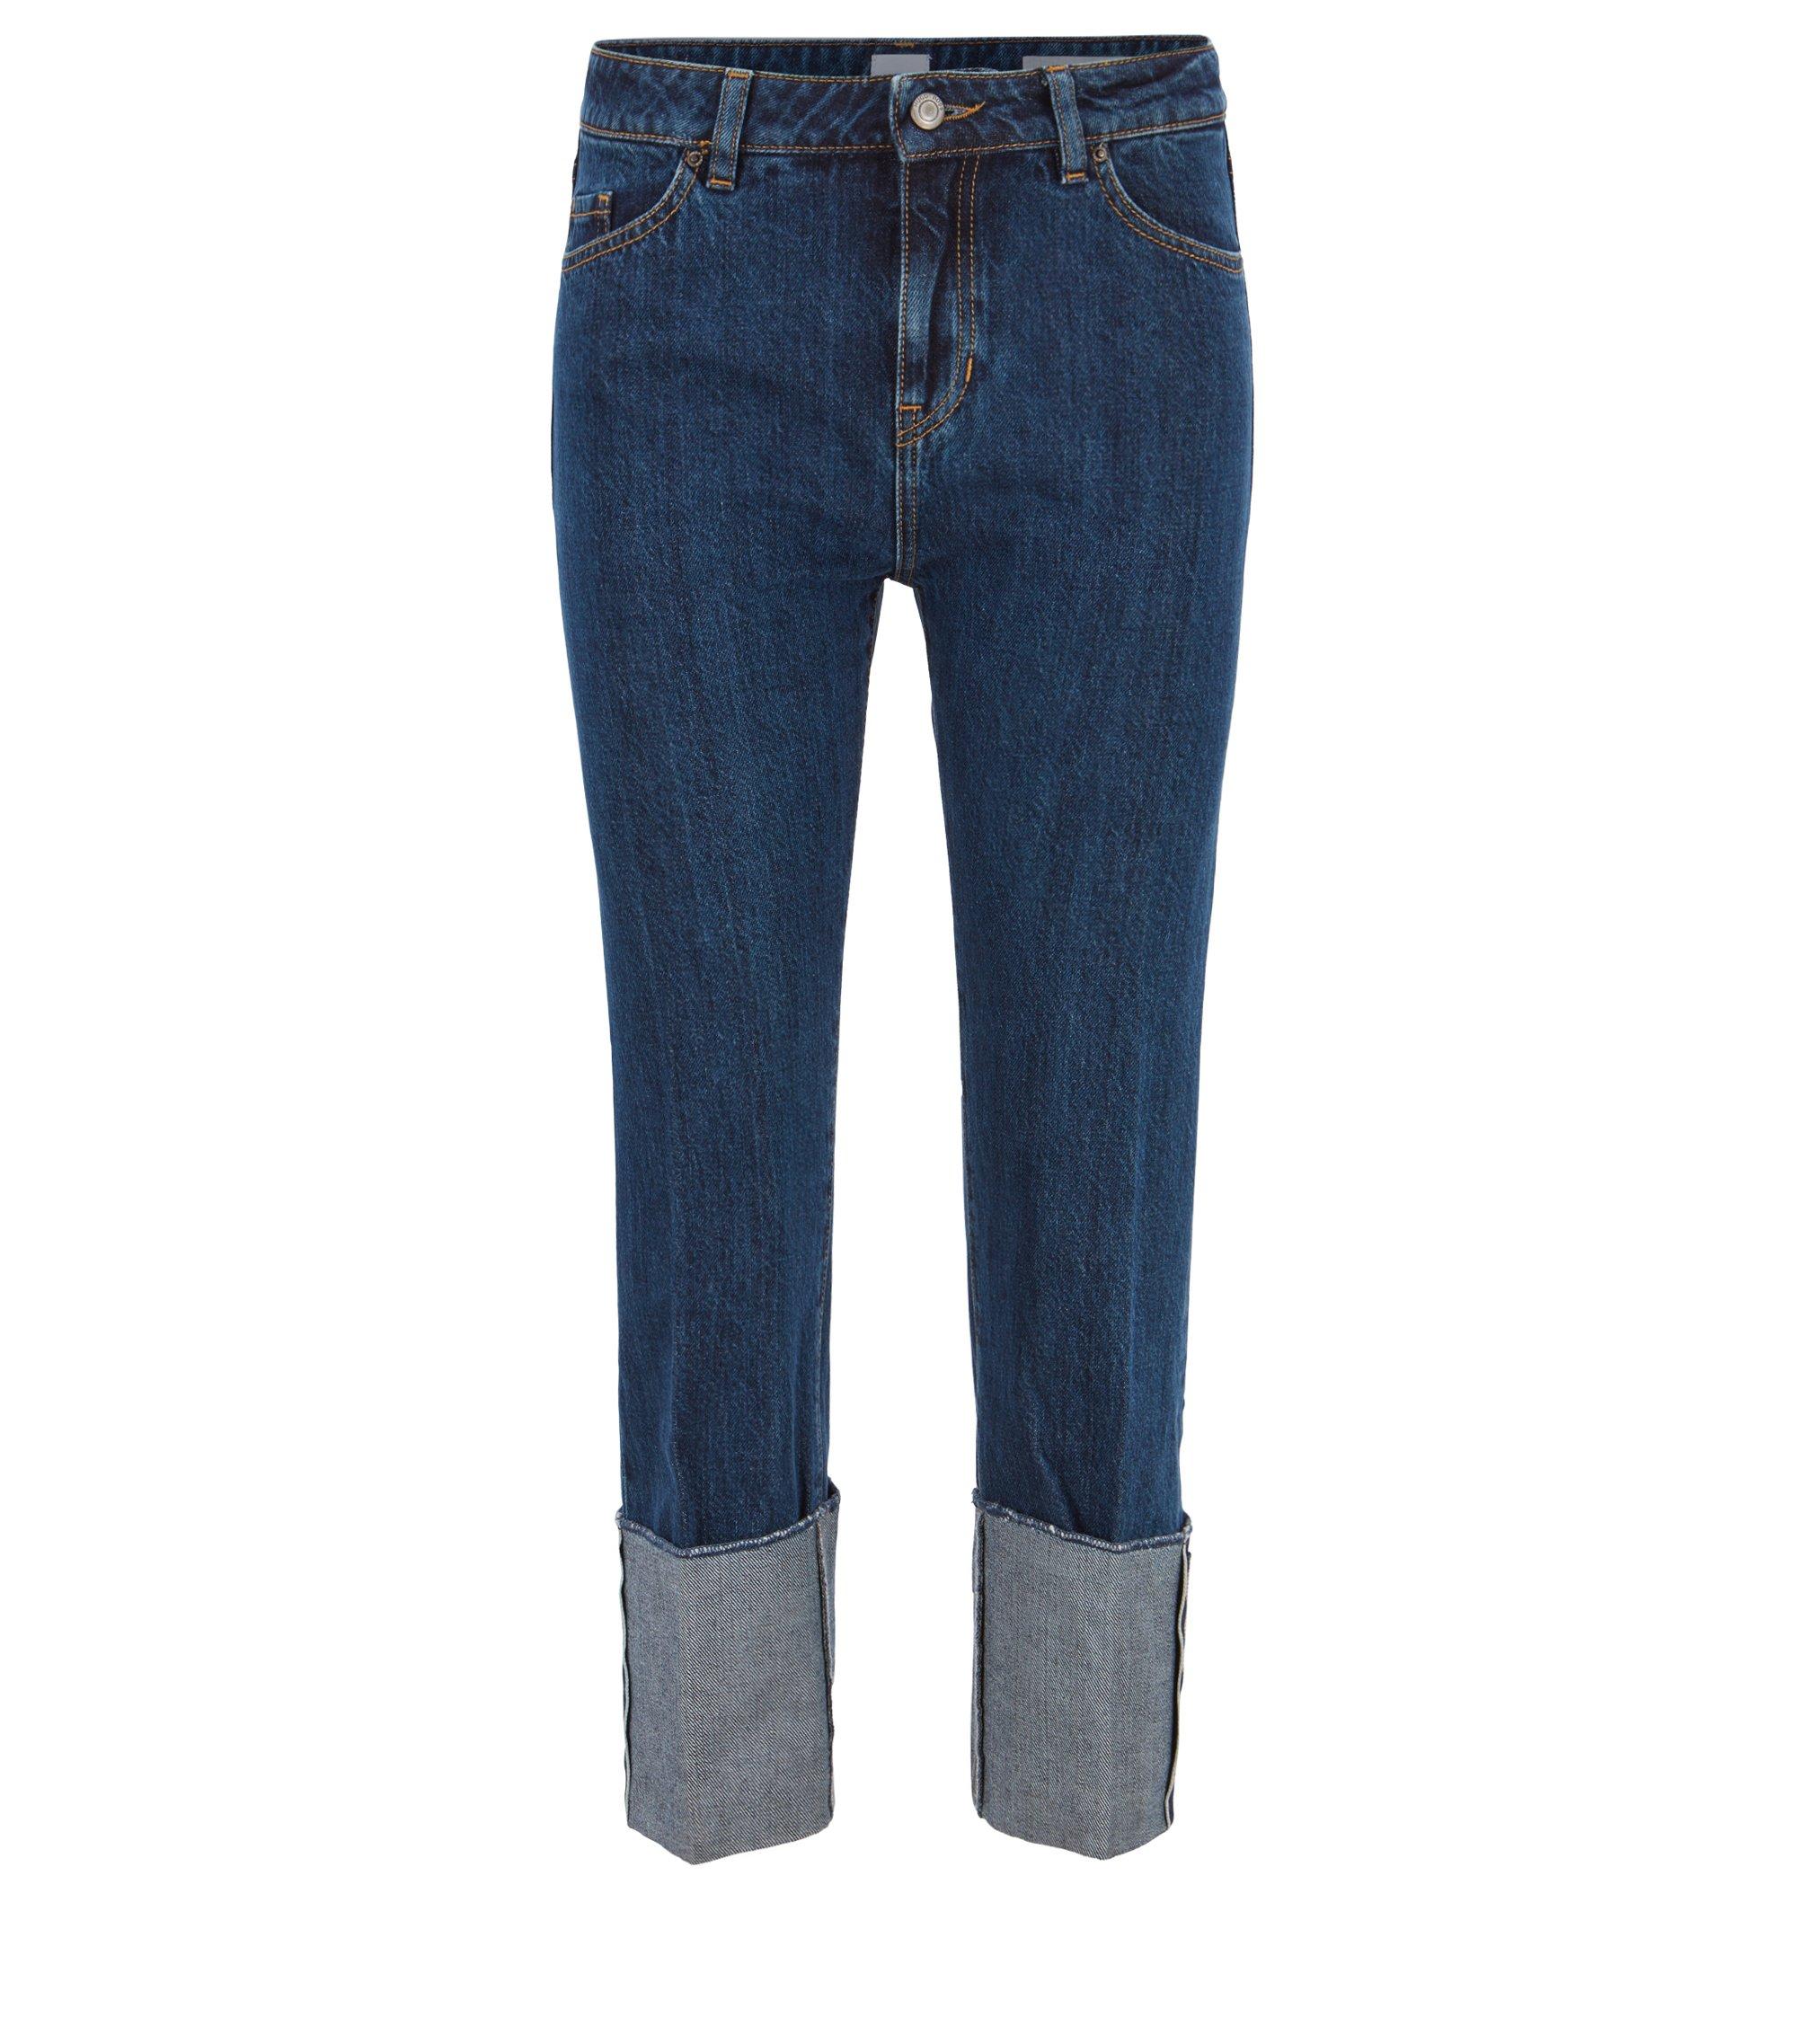 Boyfriend-Fit Jeans aus italienischem Selvedge-Denim, Blau